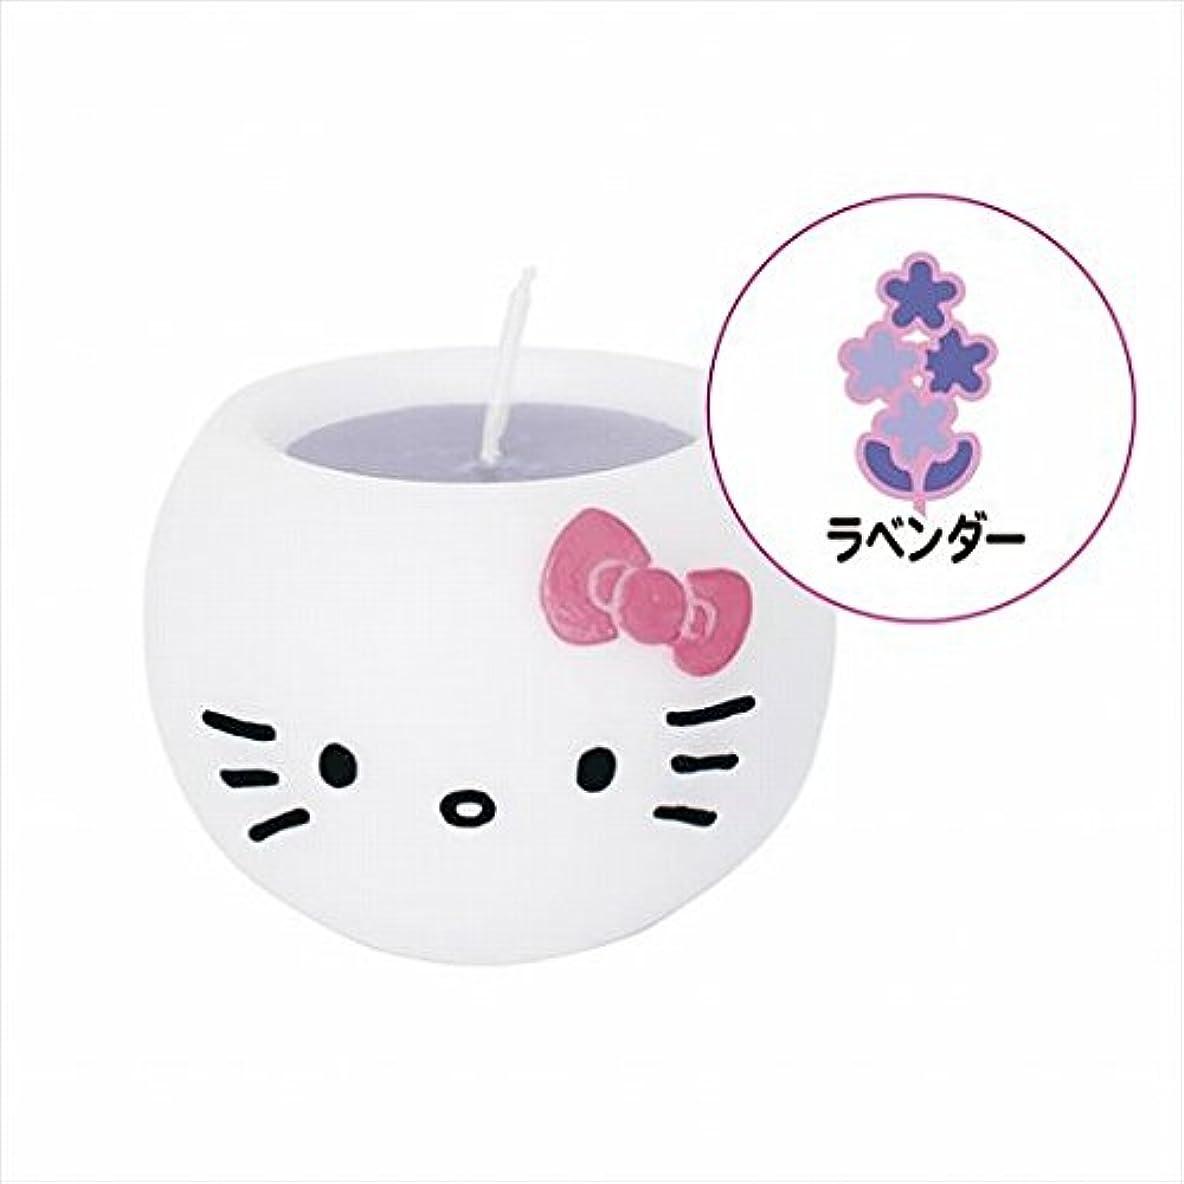 カメヤマキャンドル( kameyama candle ) ハローキティアロマキャンドル 「 ラベンダー 」